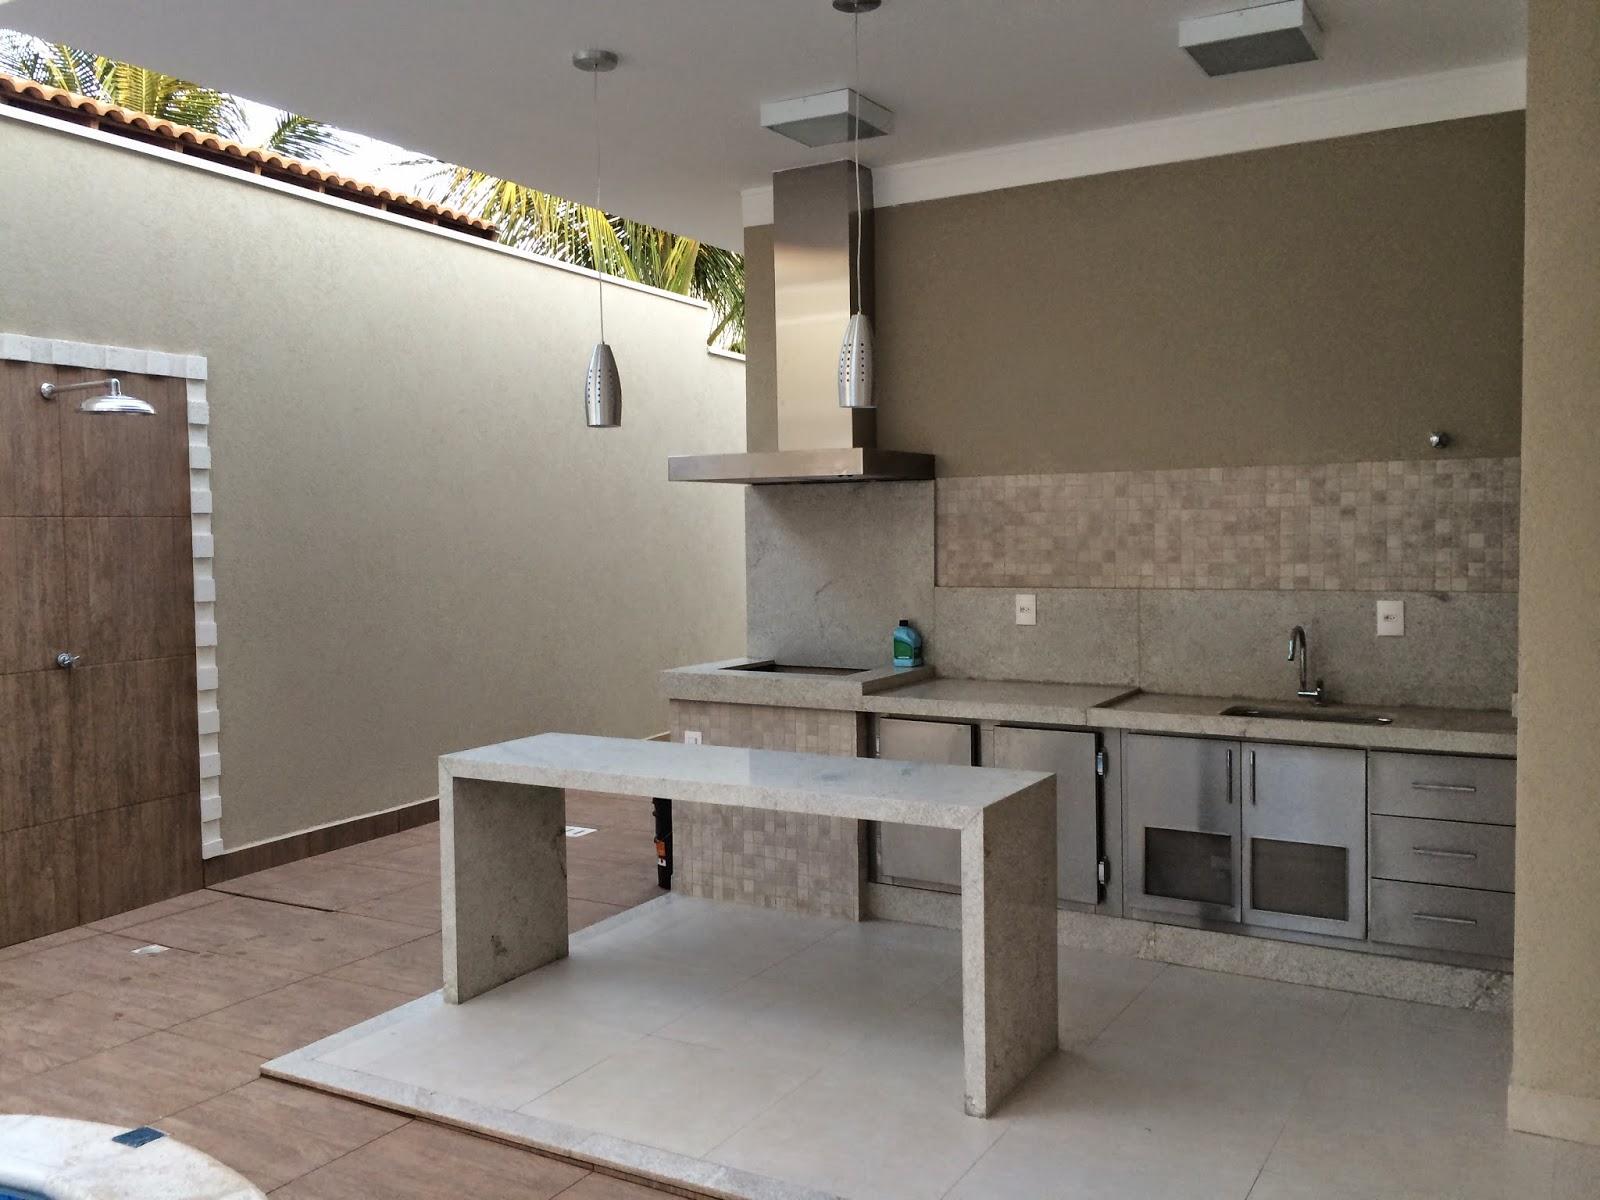 área de churrasco com coifa em inox e balcão em inox #48697E 1600x1200 Balcao Banheiro 80cm